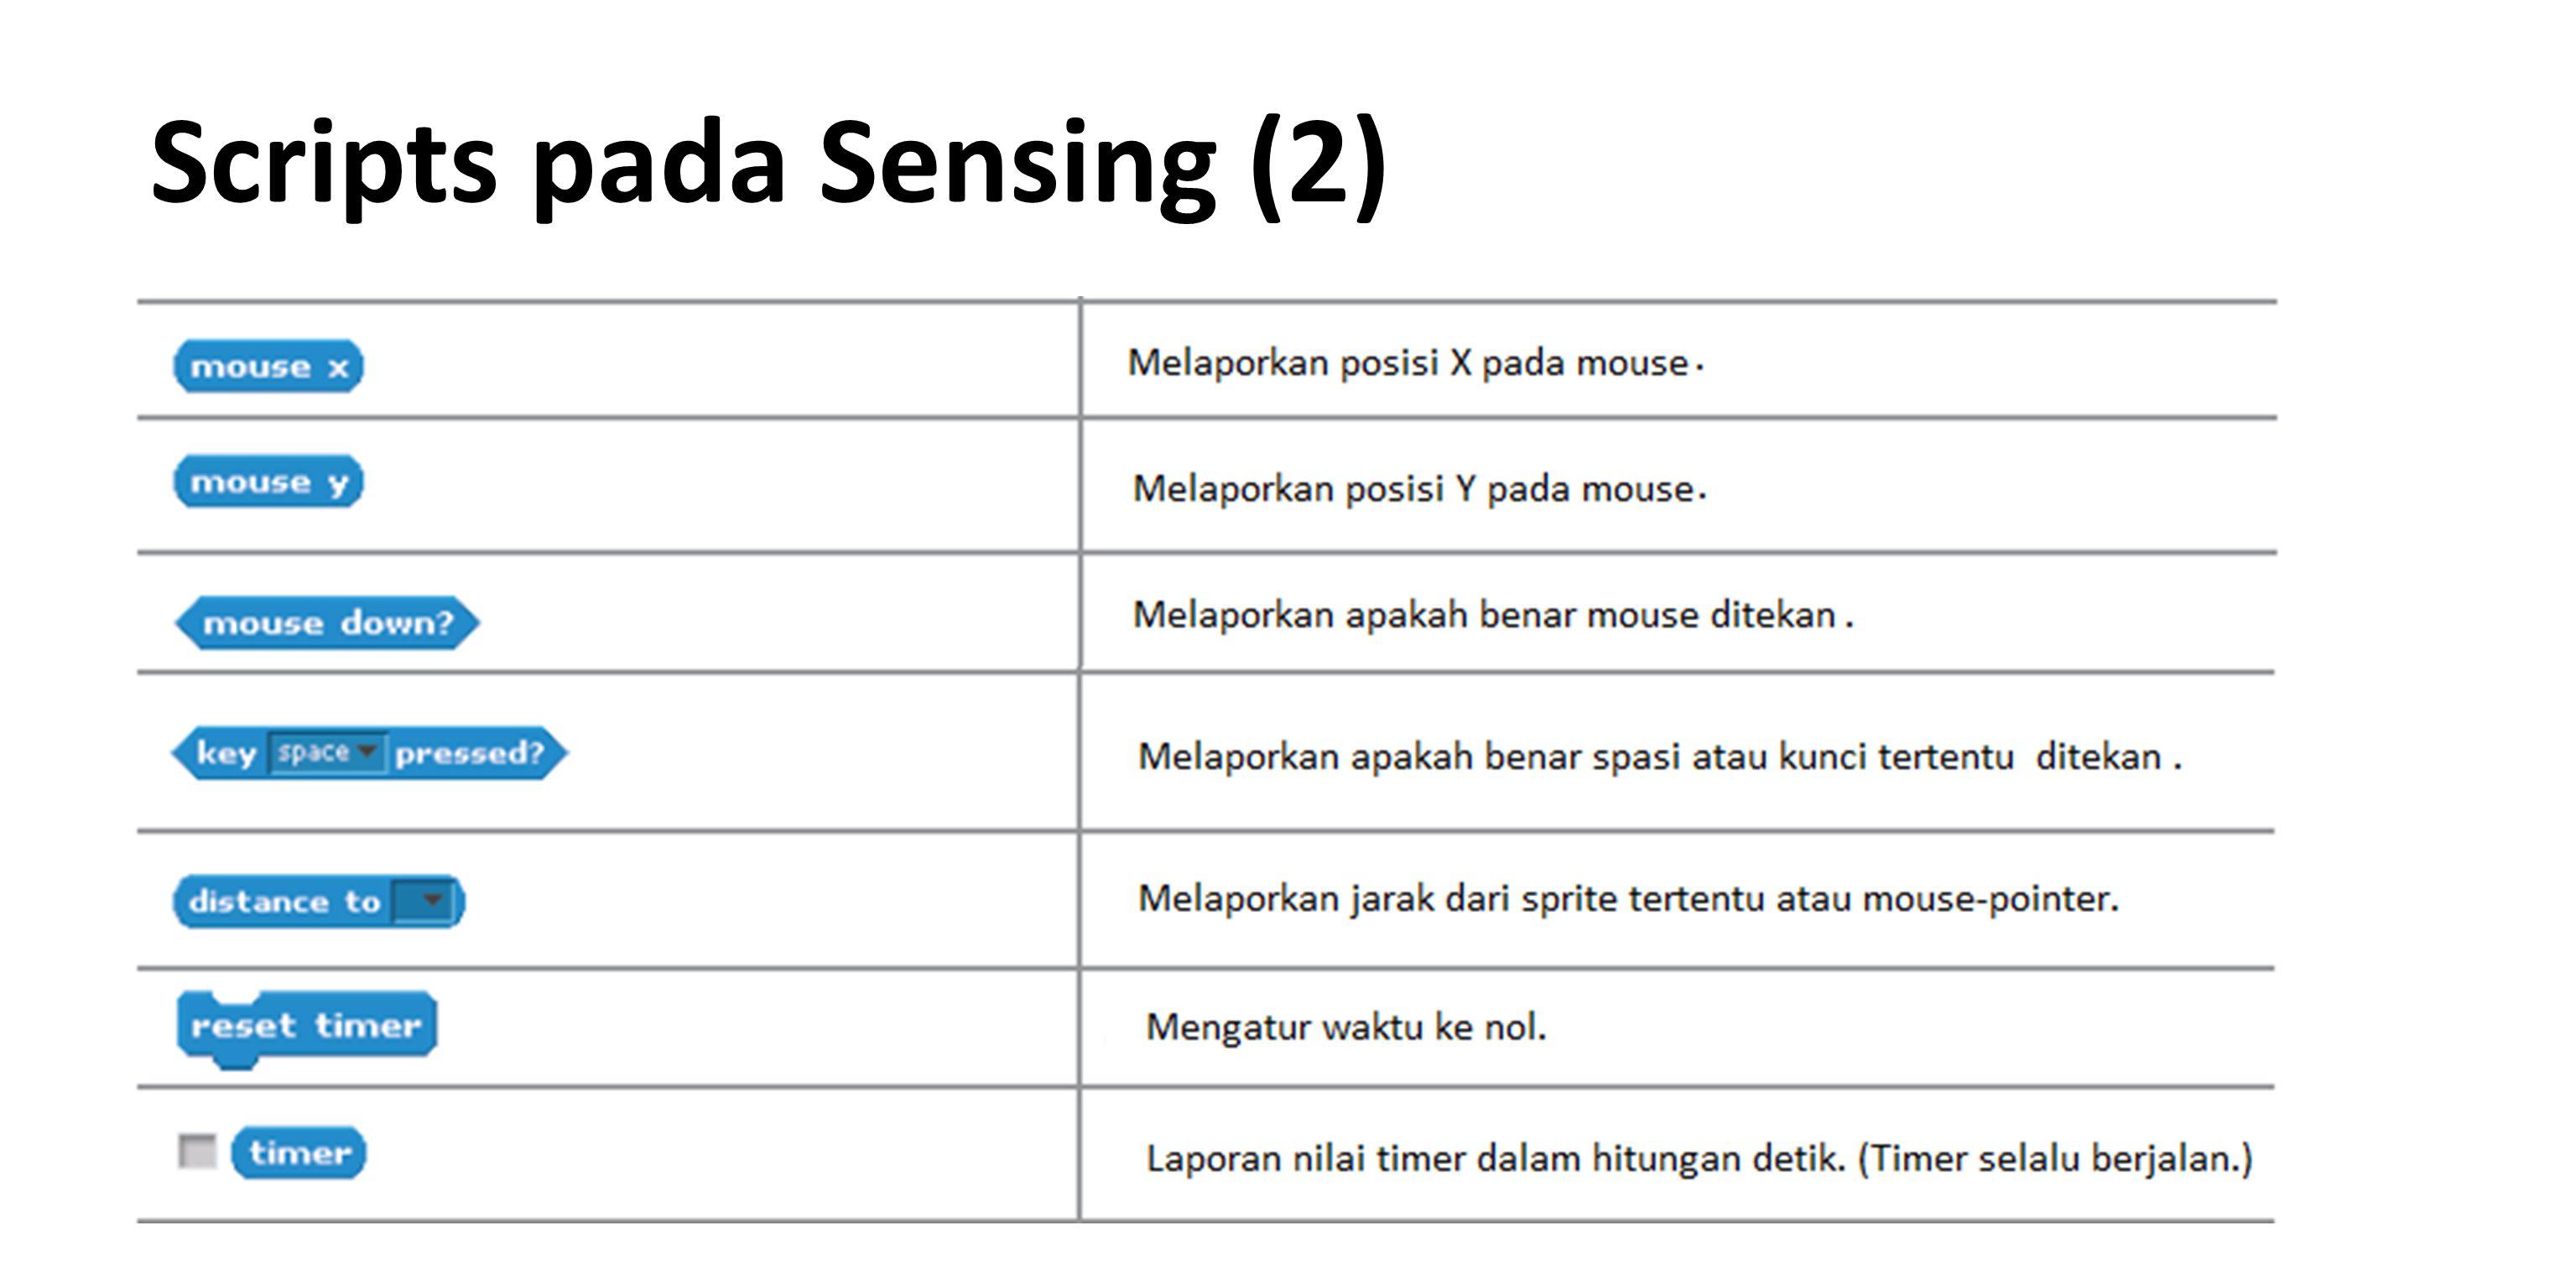 Scripts pada Sensing (2)